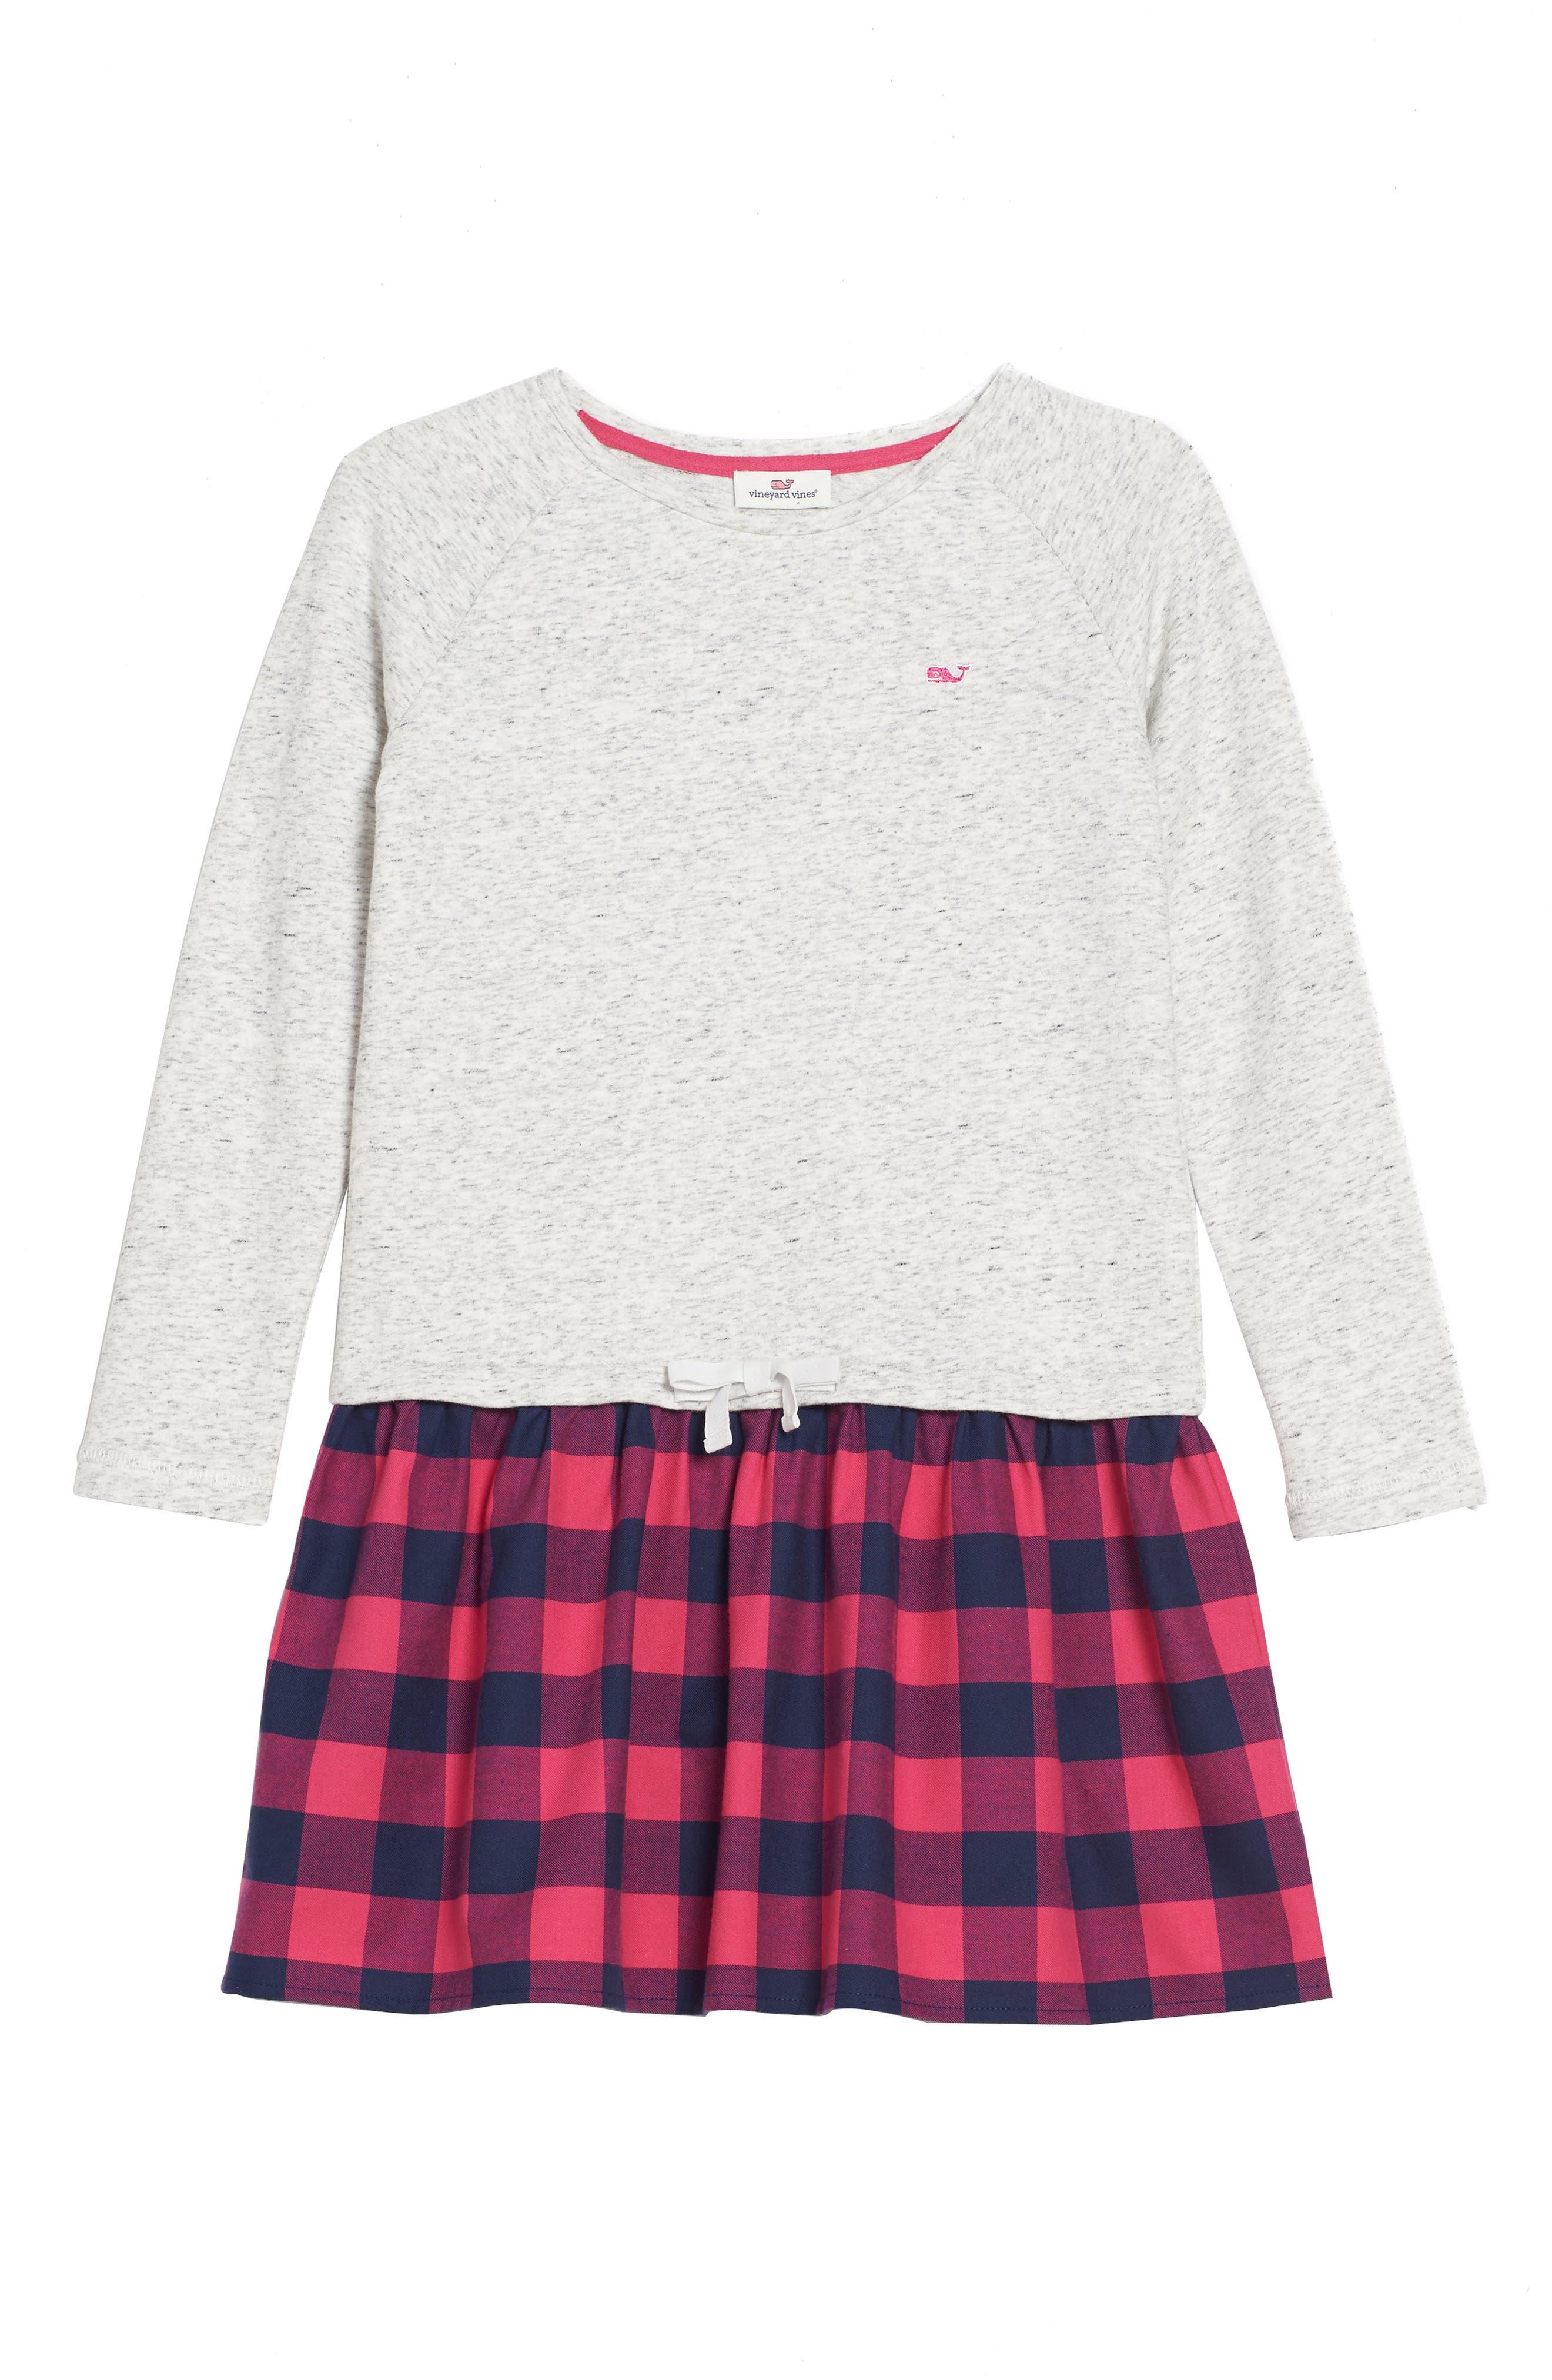 Buffalo Check Sweatshirt,                         Main,                         color,